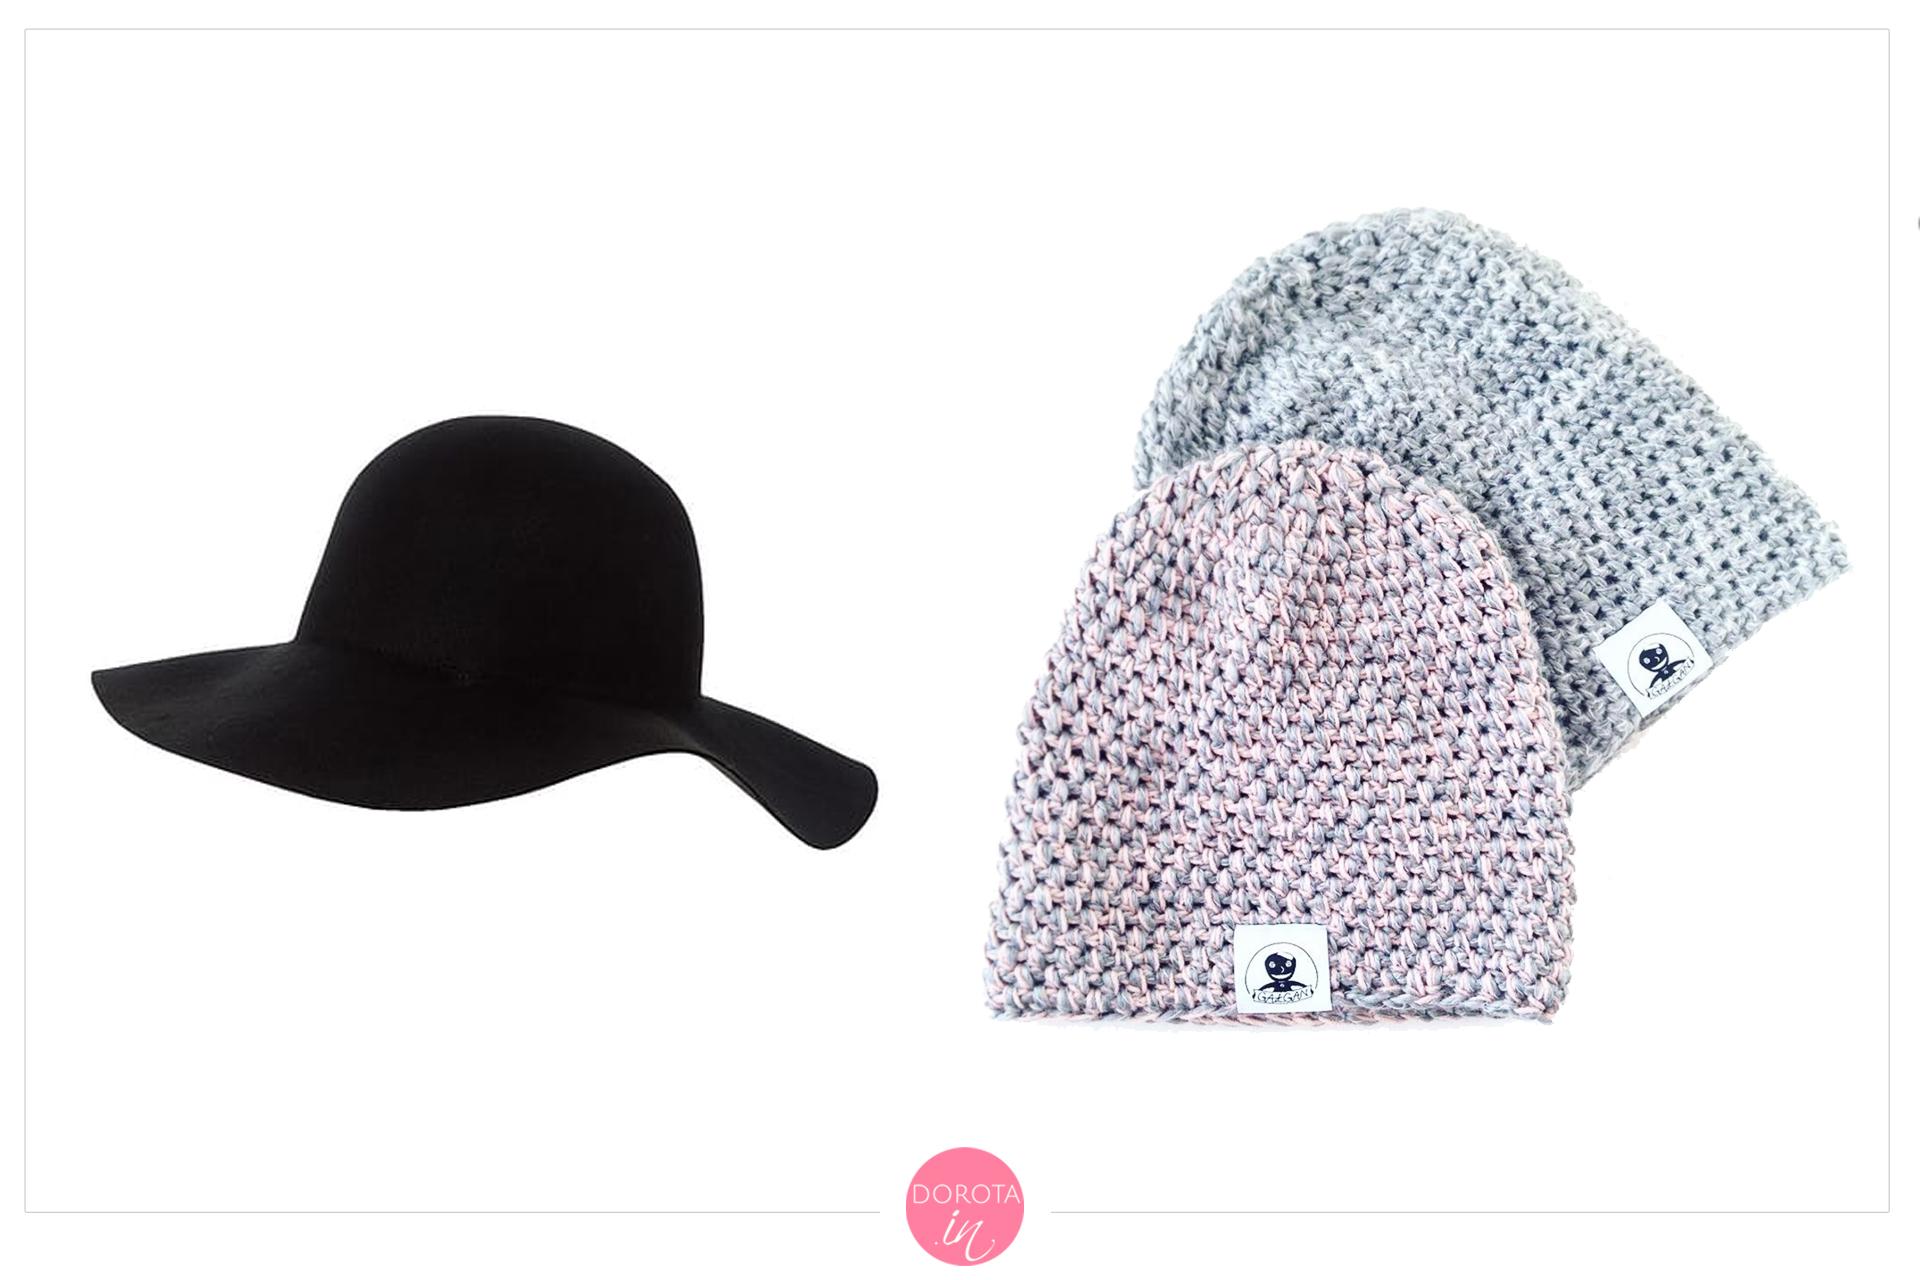 Czapki i kapelusze na zimę - garderoba kapsułowa